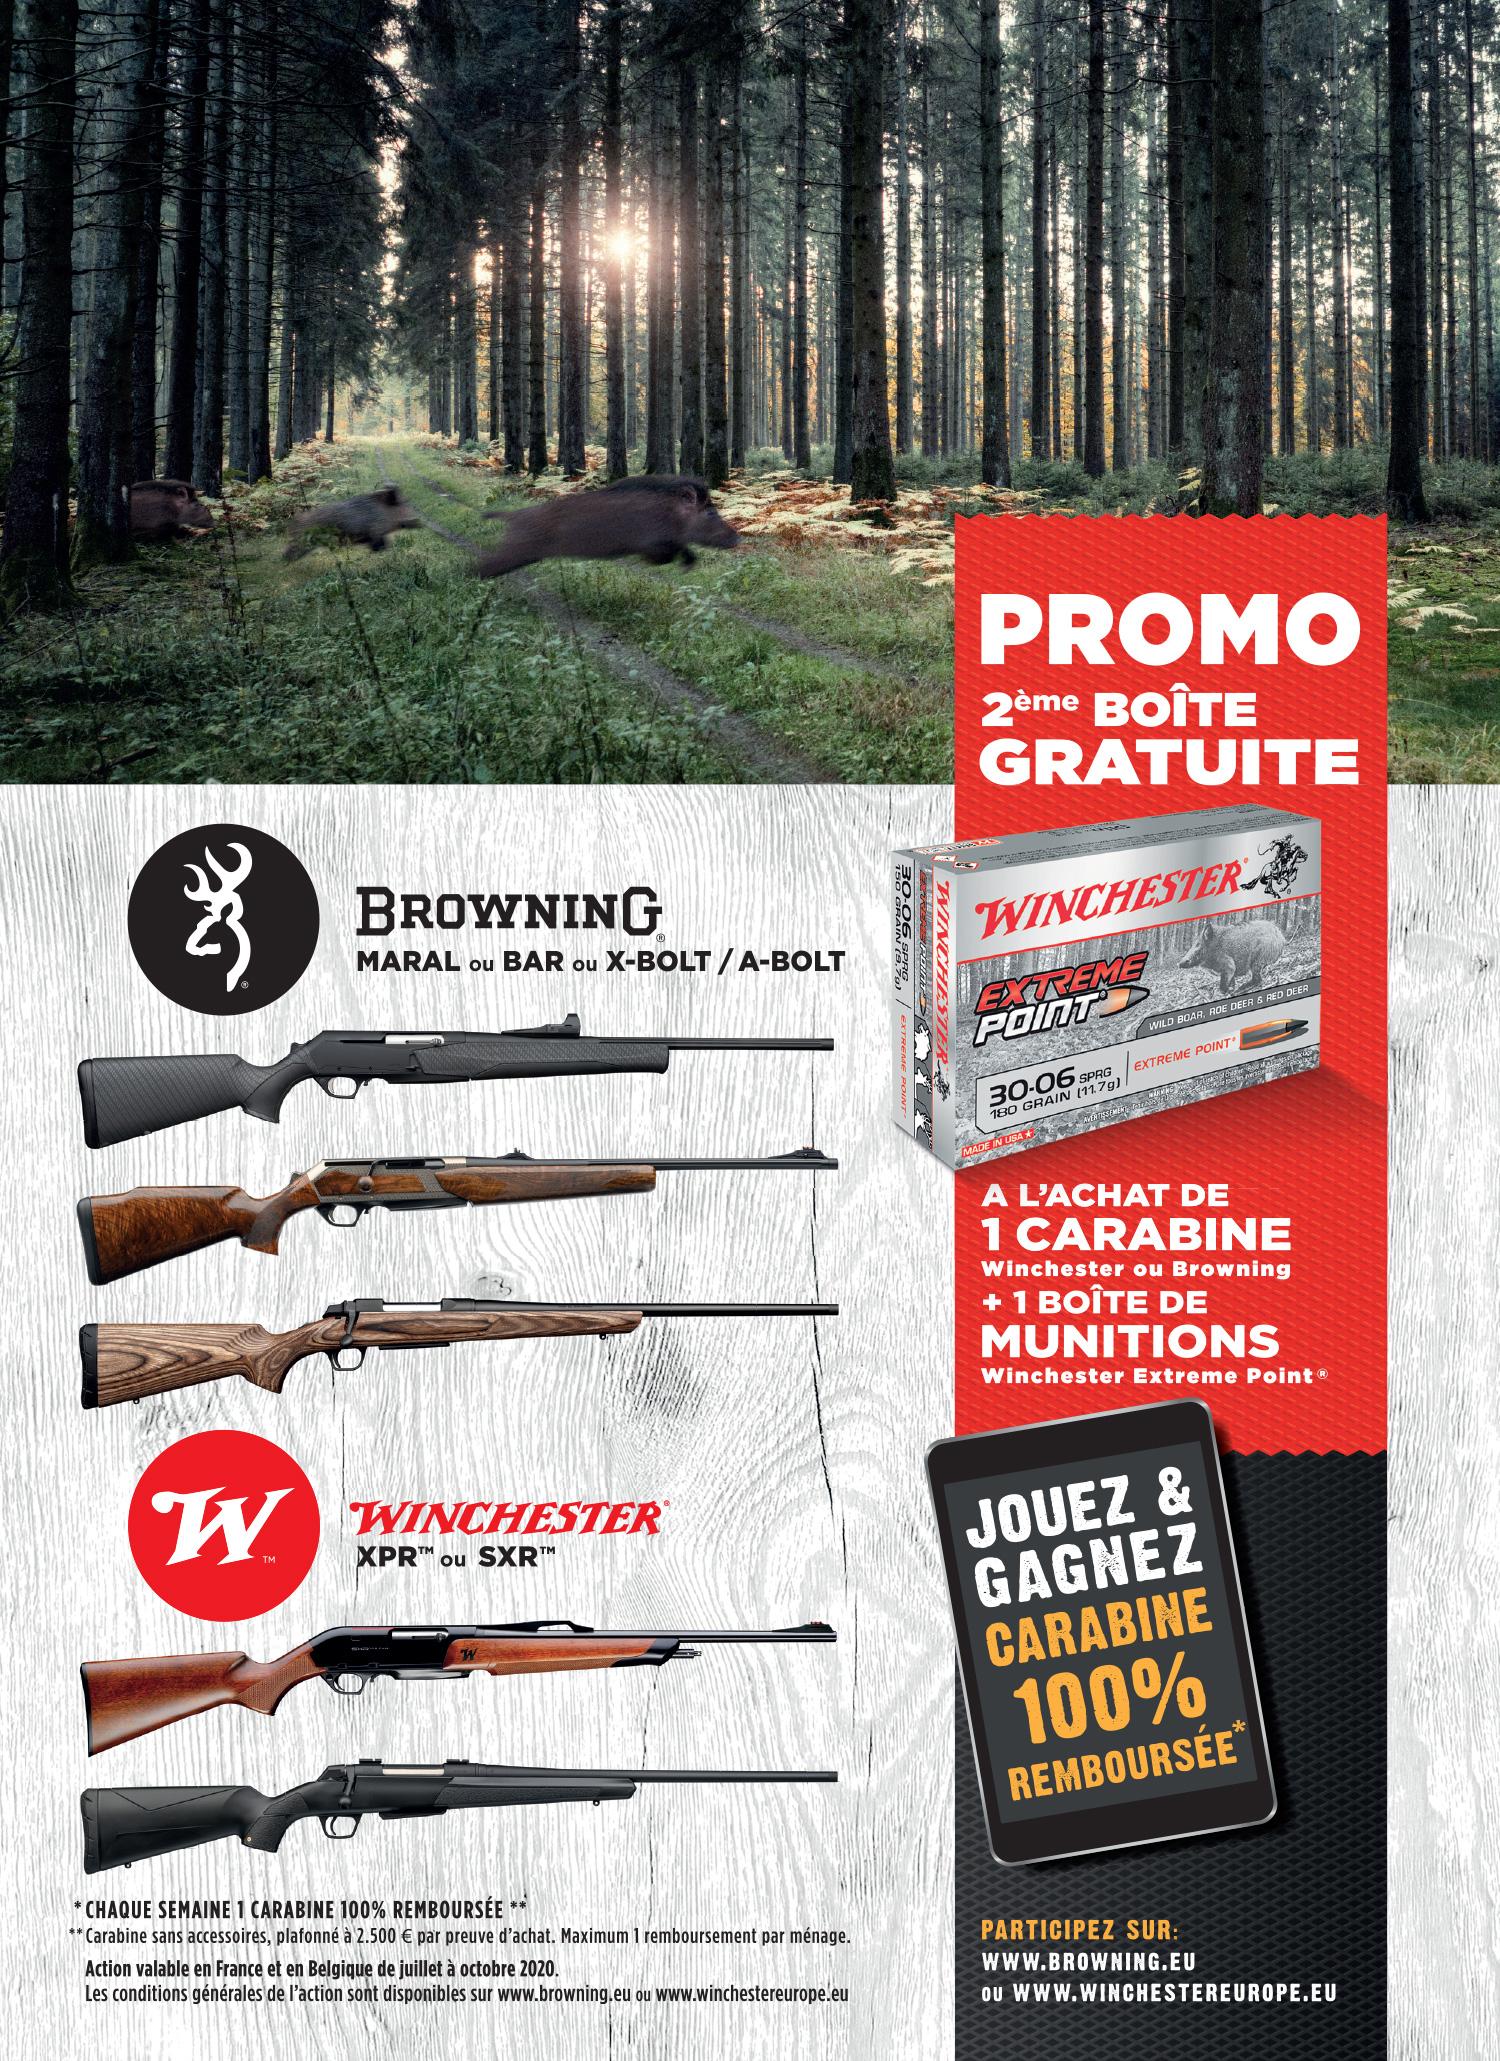 promotion 2ème boîte de munition gratuite